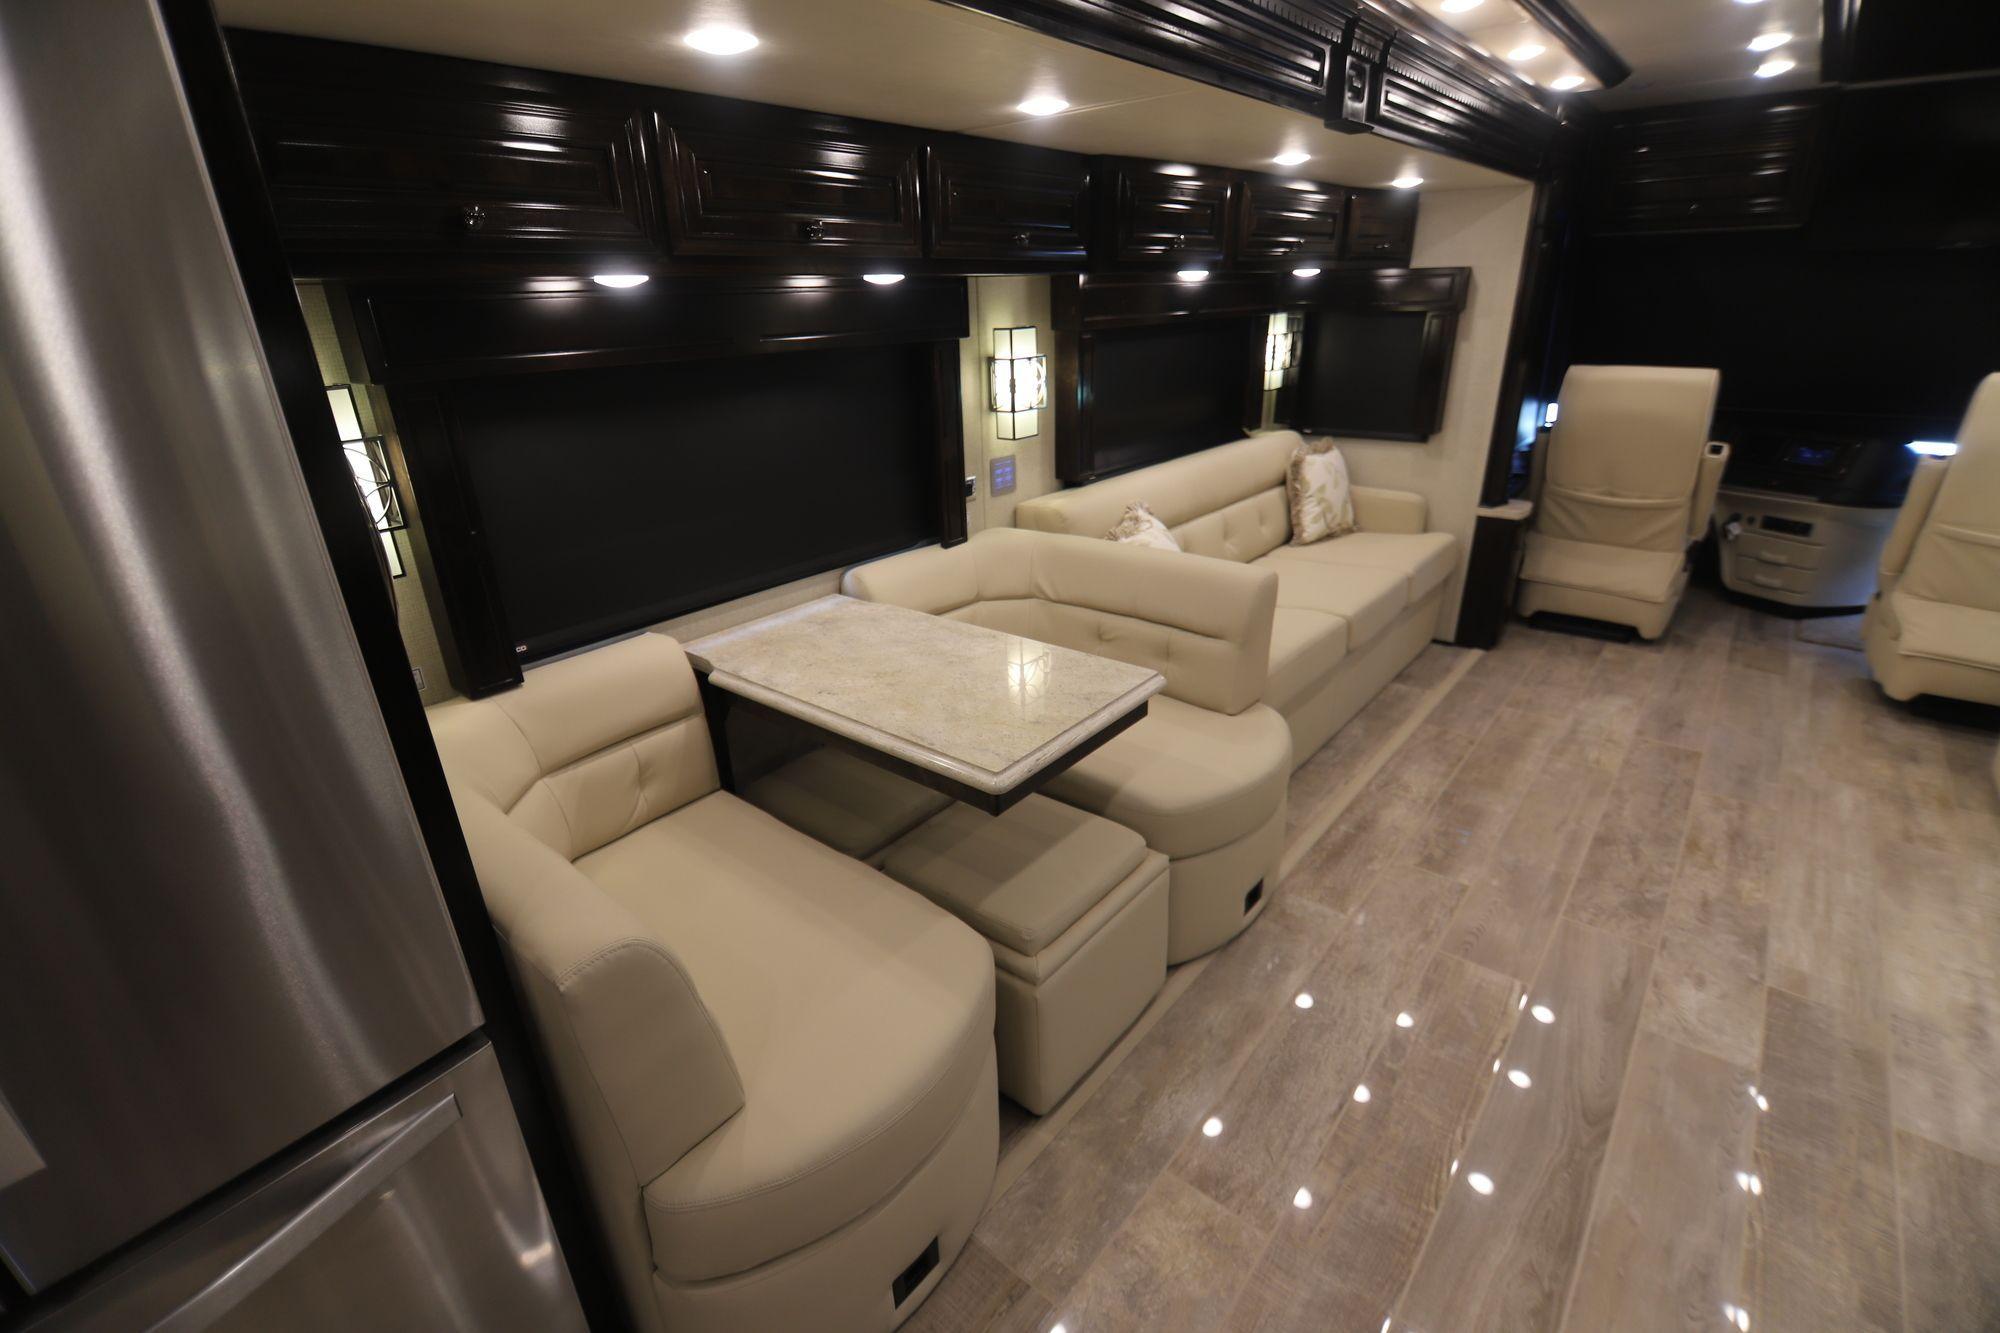 2019 Newmar Dutch Star 3736 Class A Diesel Motorhome